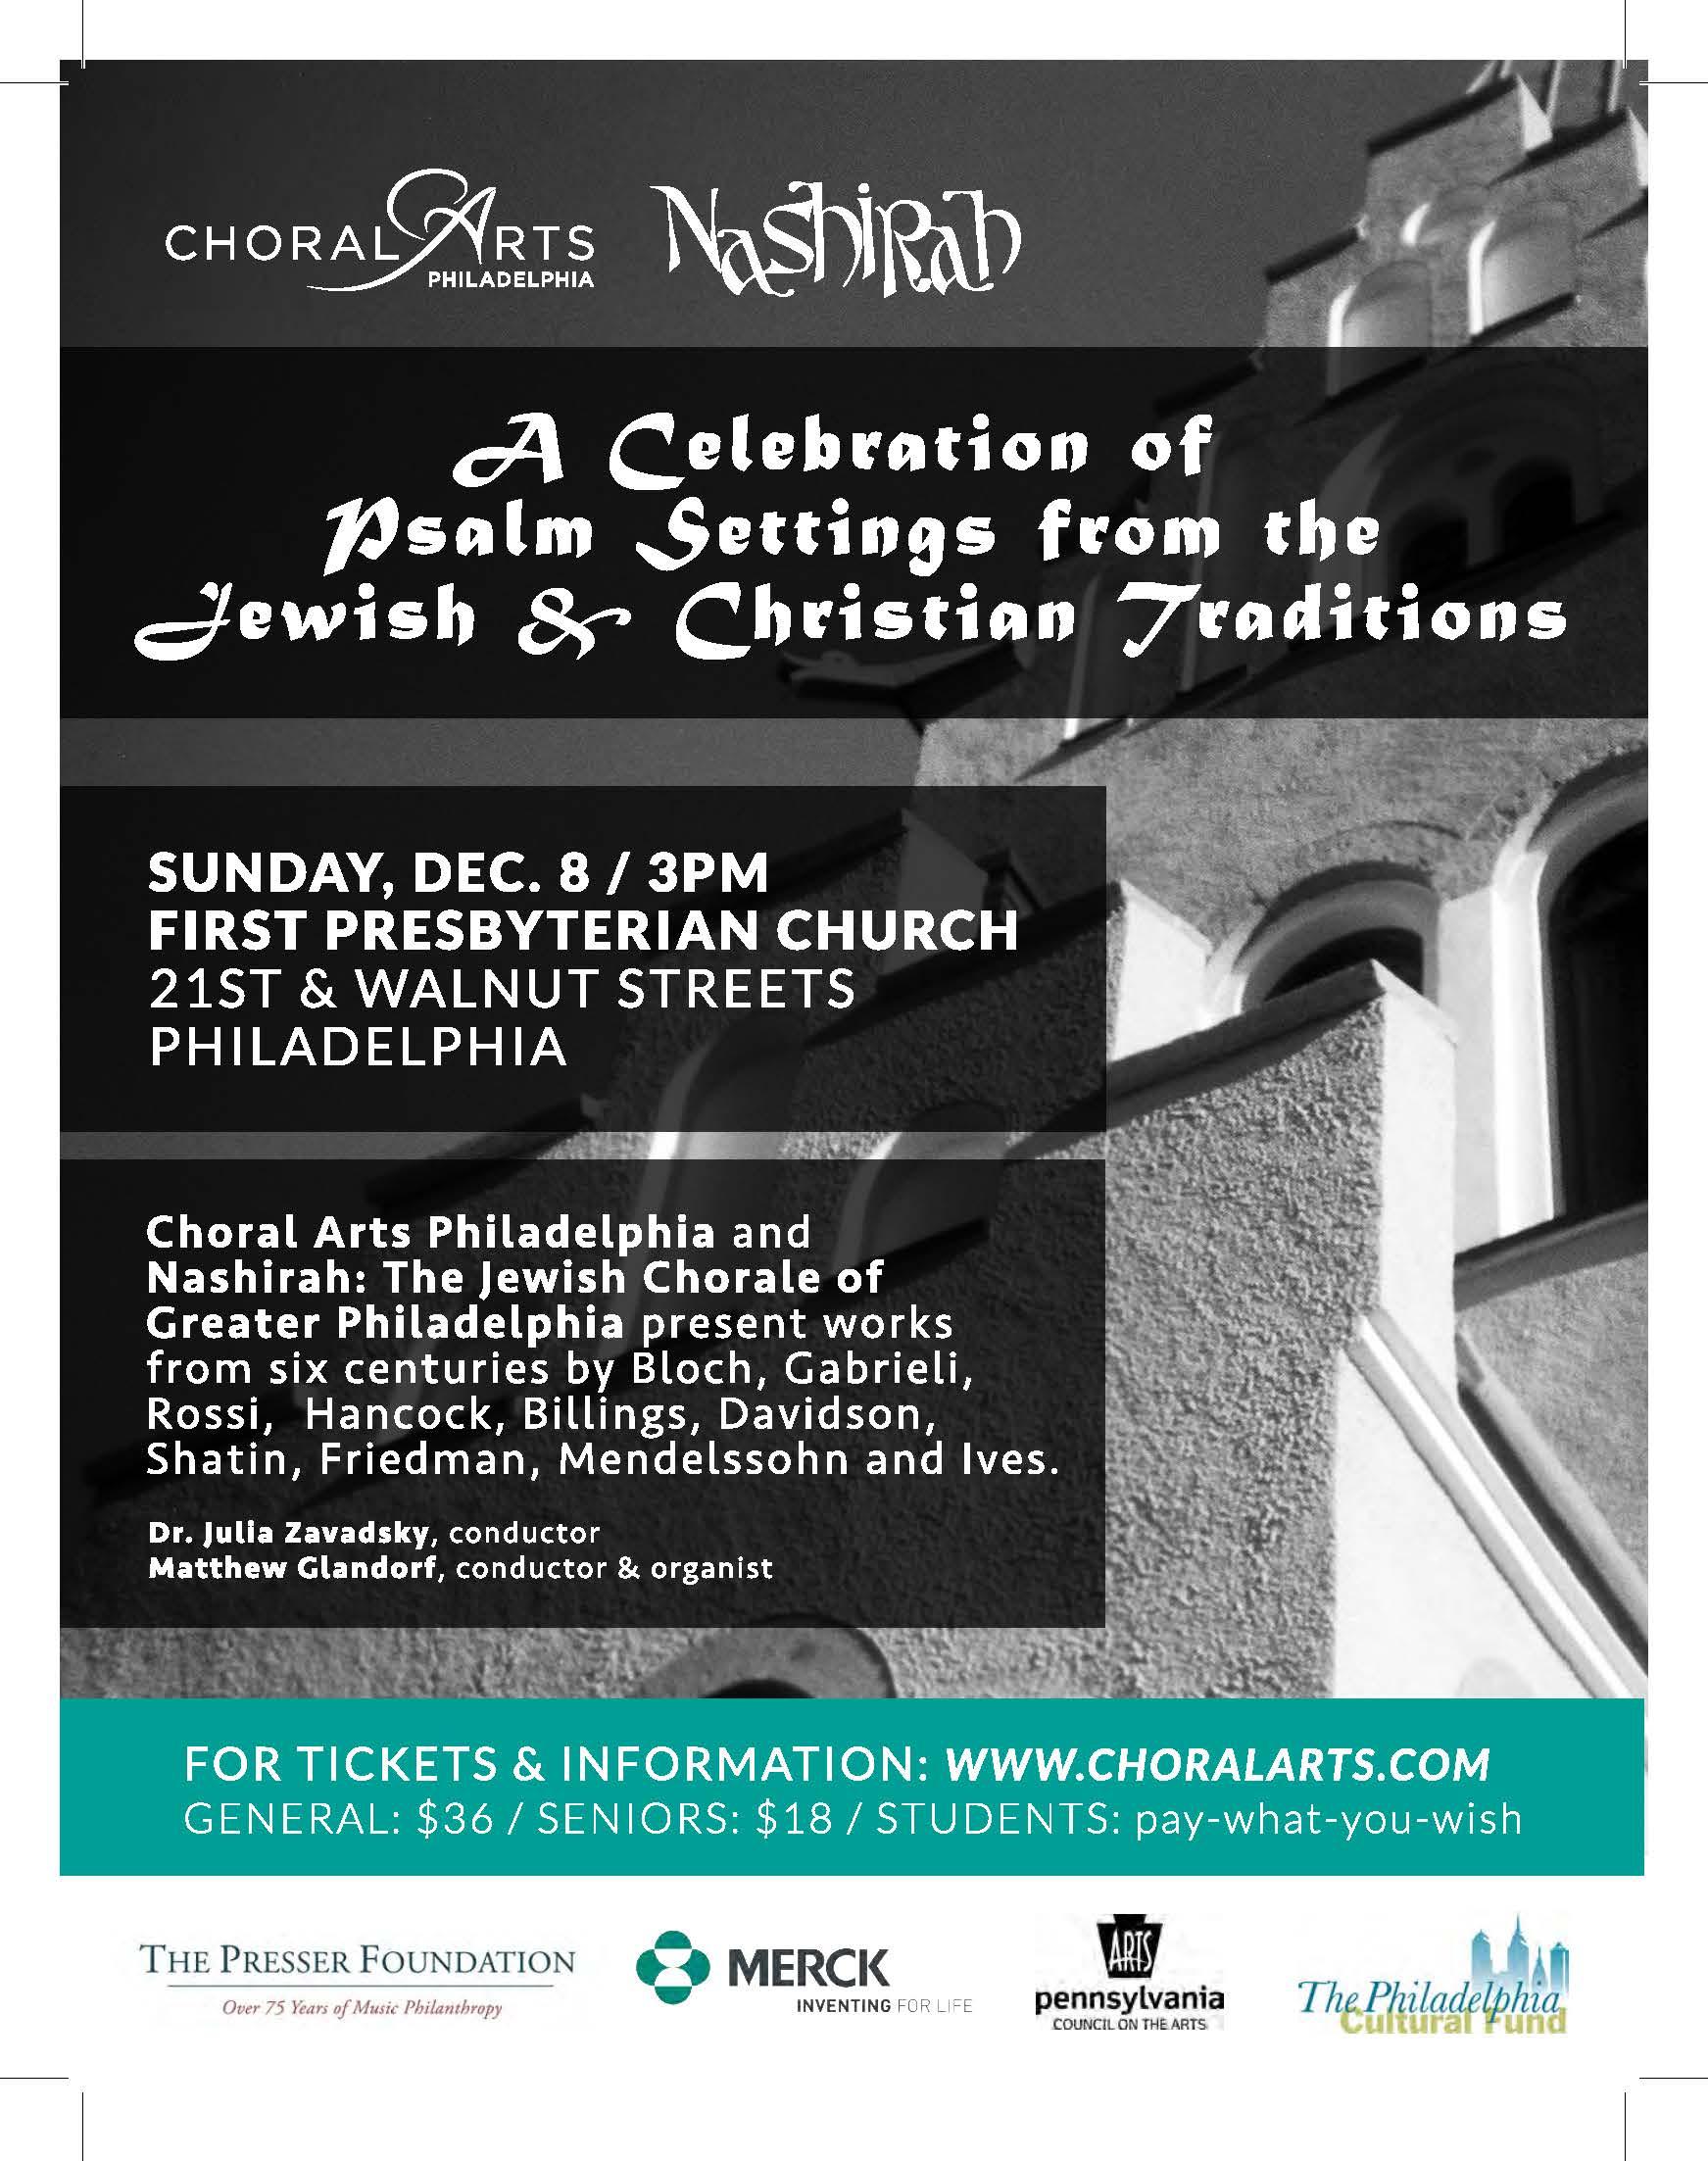 A Celebration of Psalms